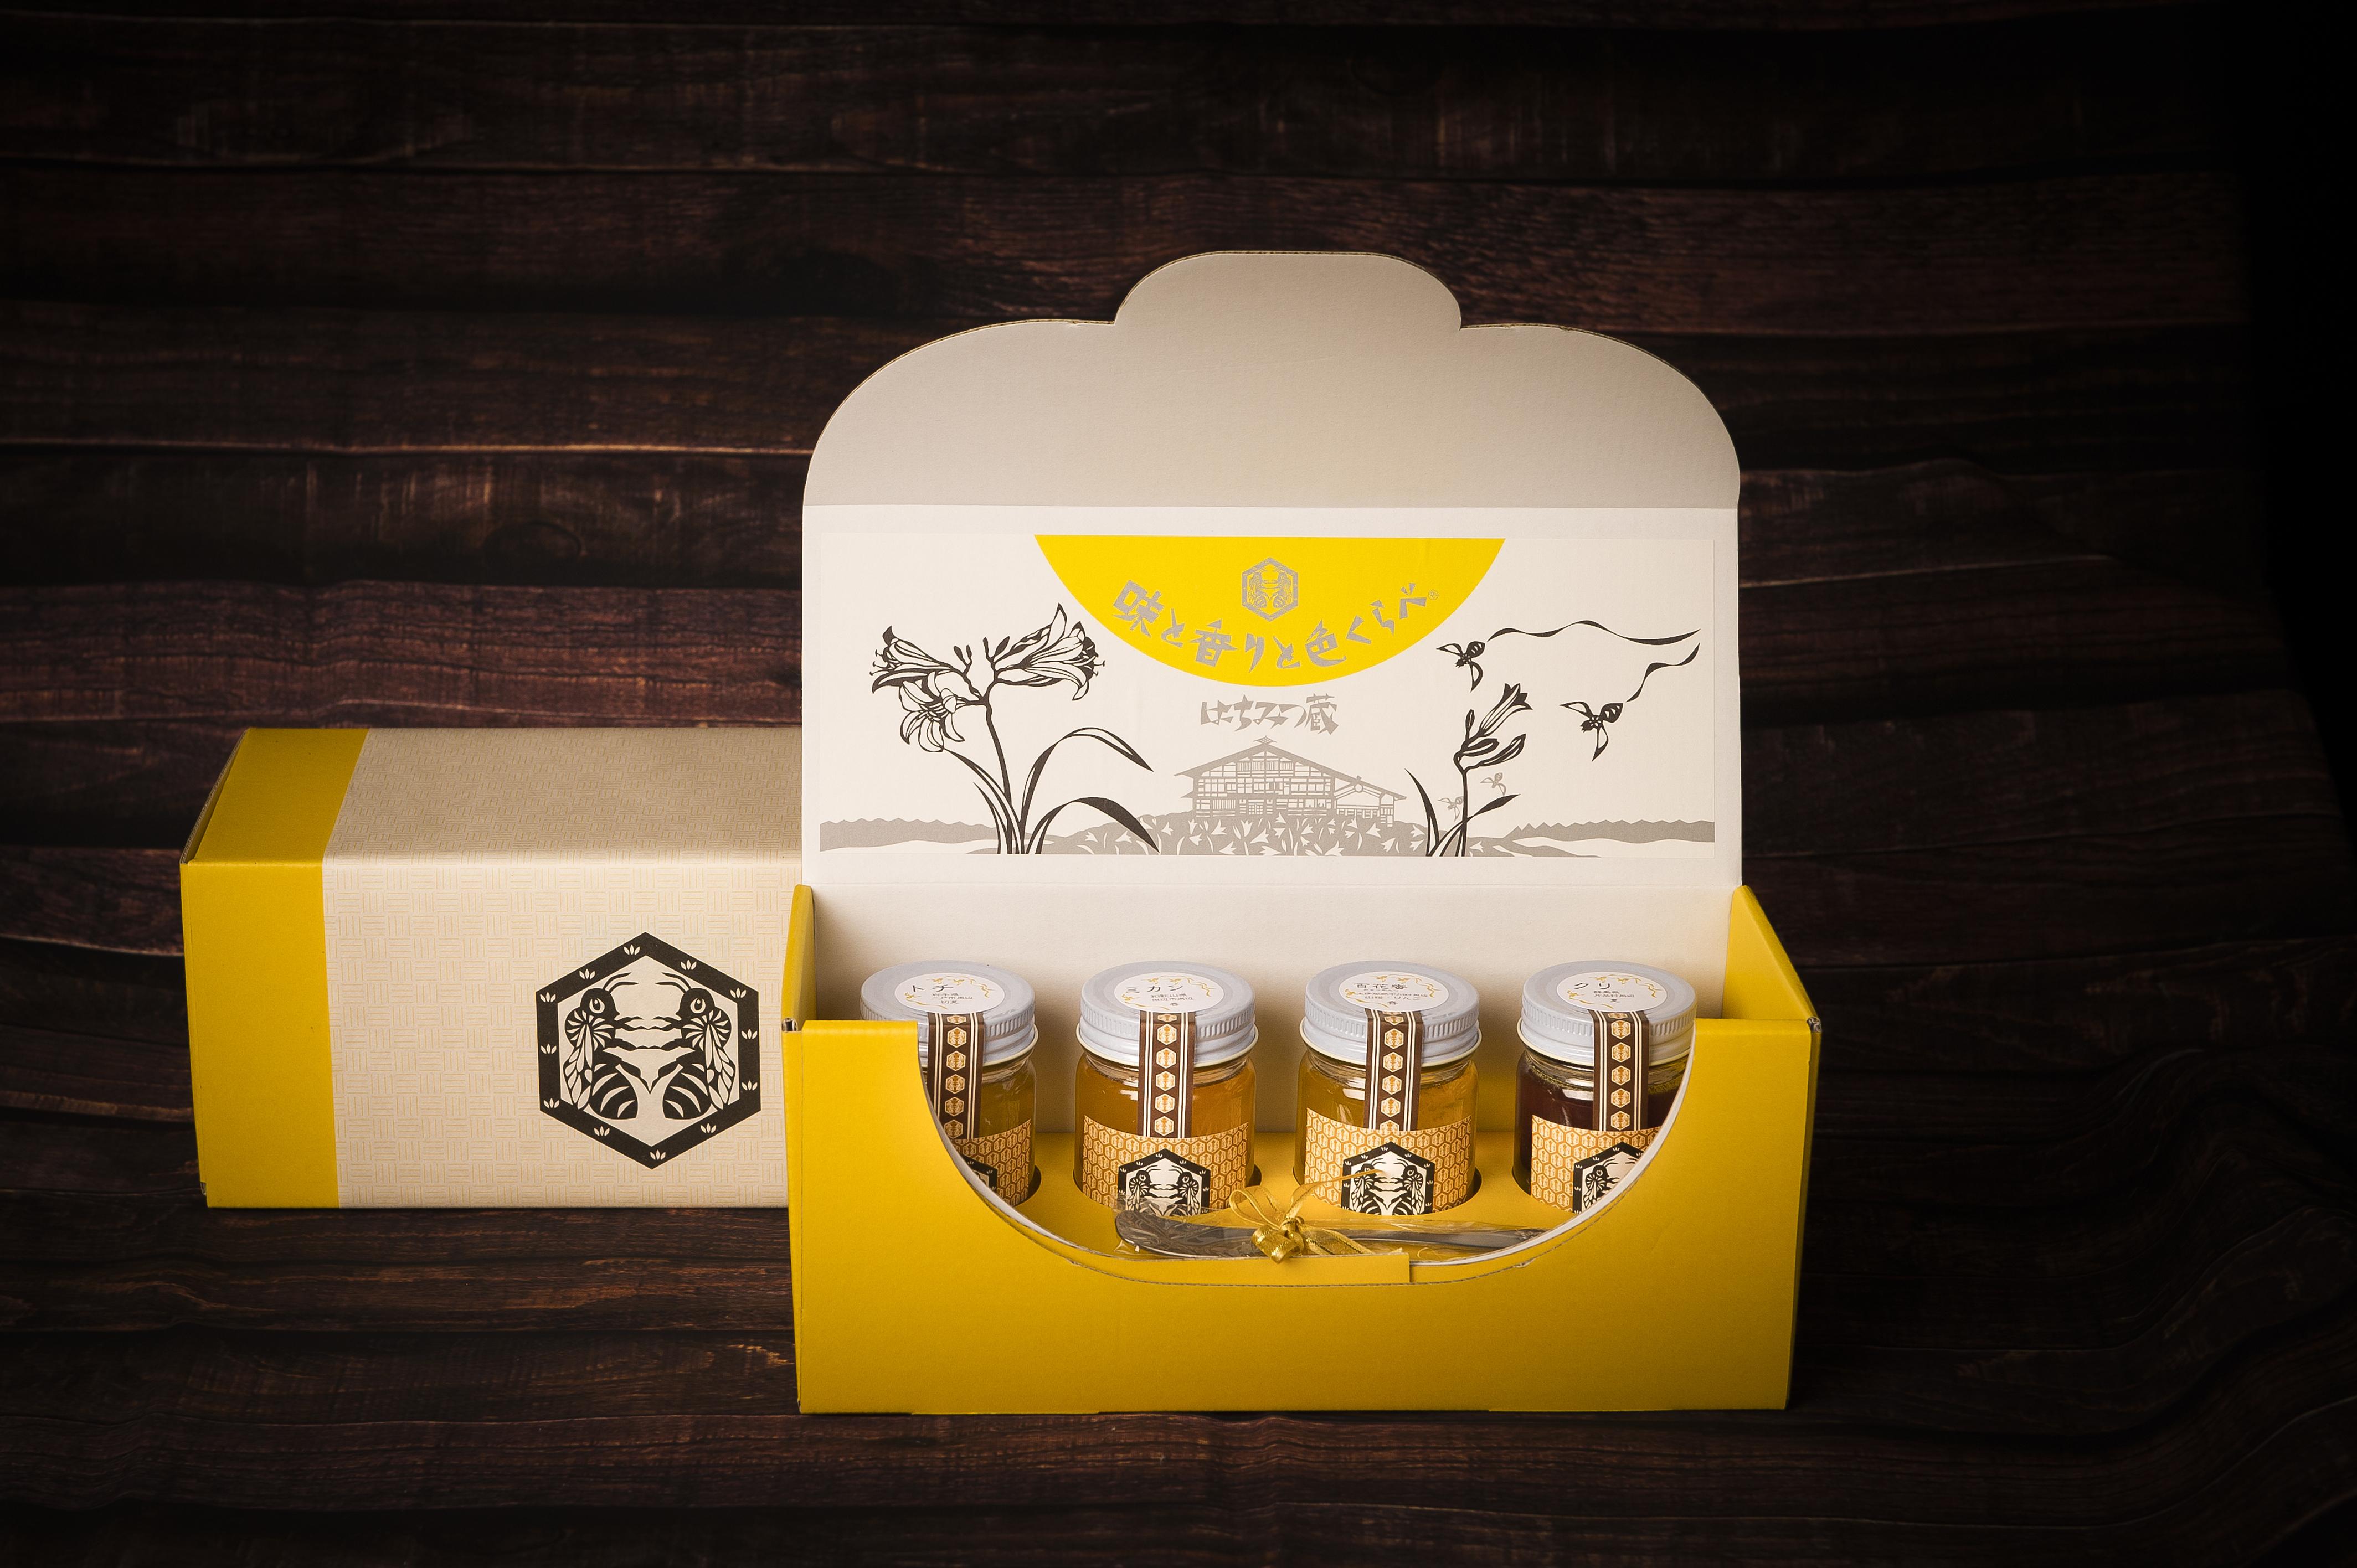 味と香りと色くらべ !  体験BOX=A(トチ・ミカン・百花・クリ)140g4本セット